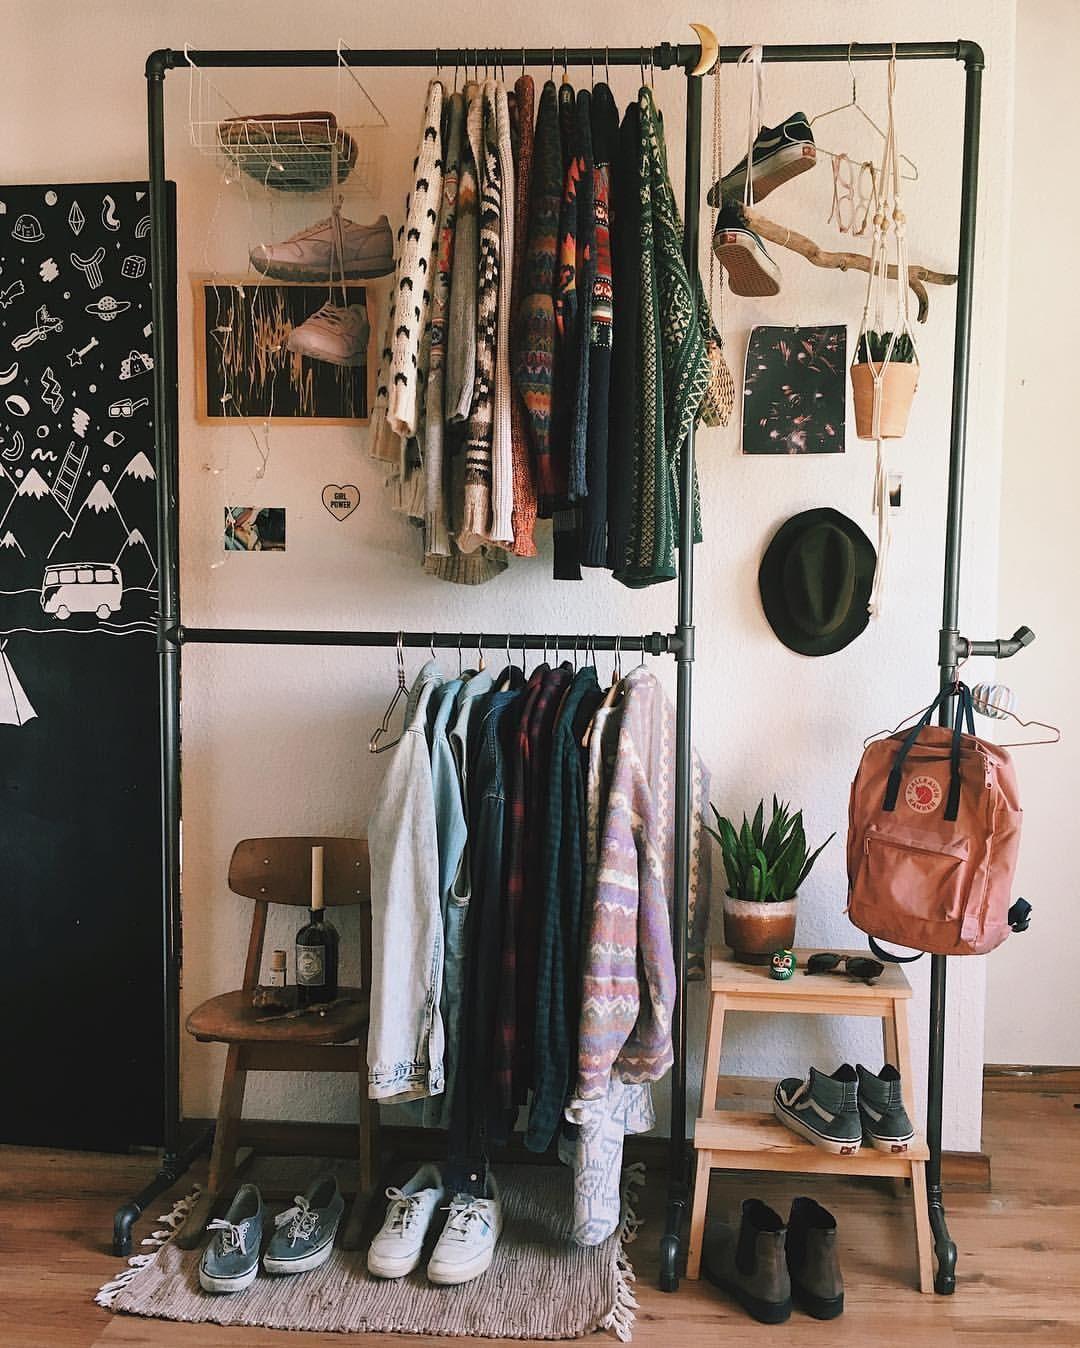 Sogni un armadio a vista? Lo stand porta abiti potrebbe ...